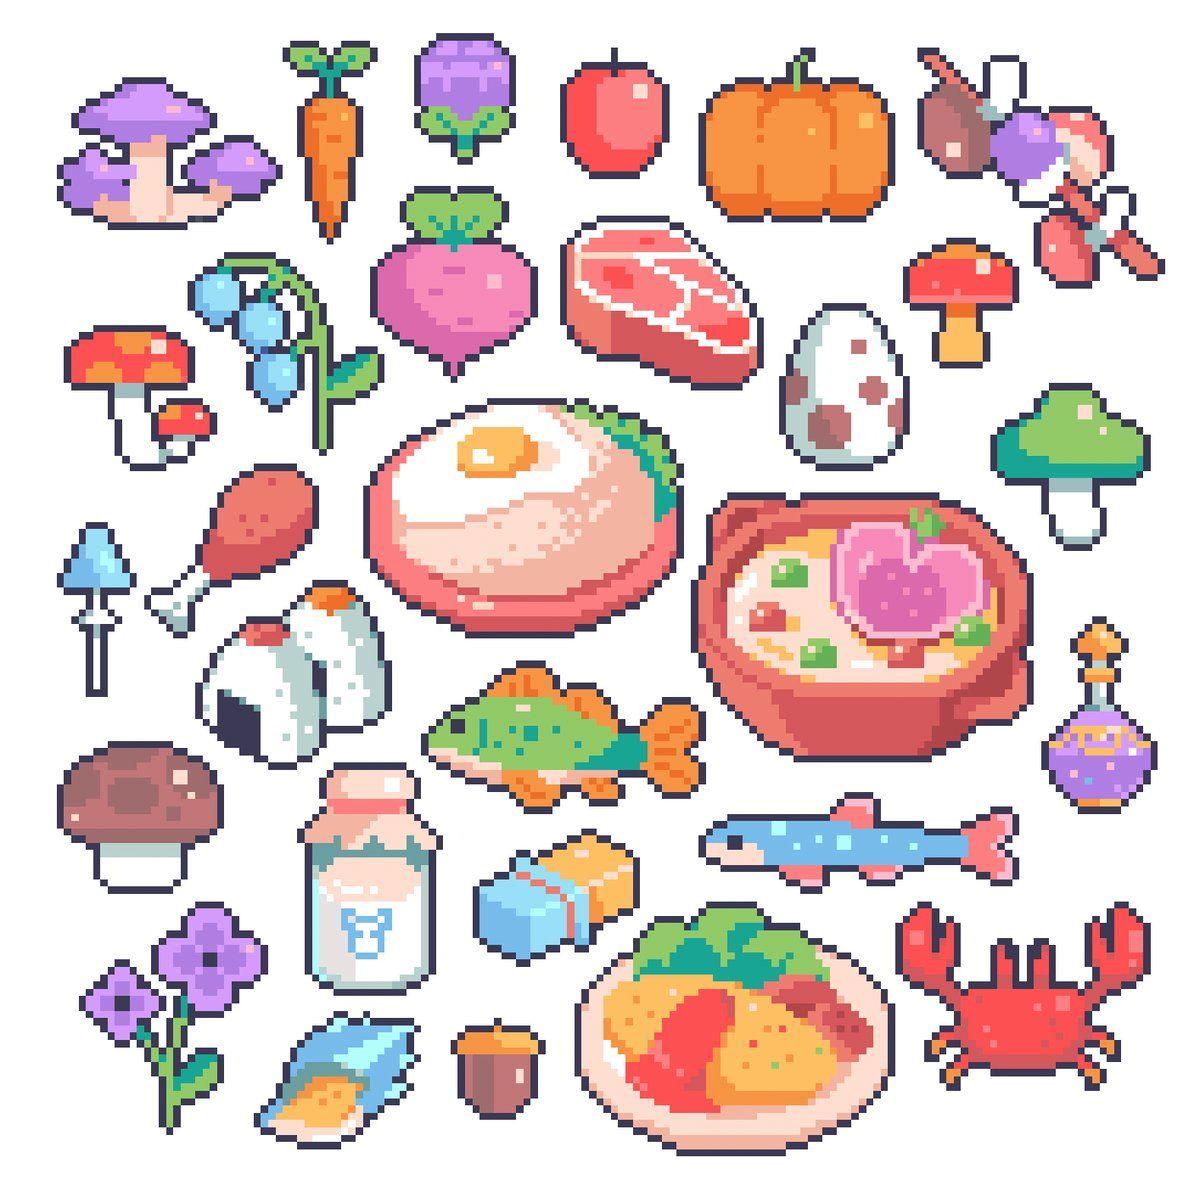 Karina Dehtyar On In 2020 Anime Pixel Art Pixel Art Food Pixel